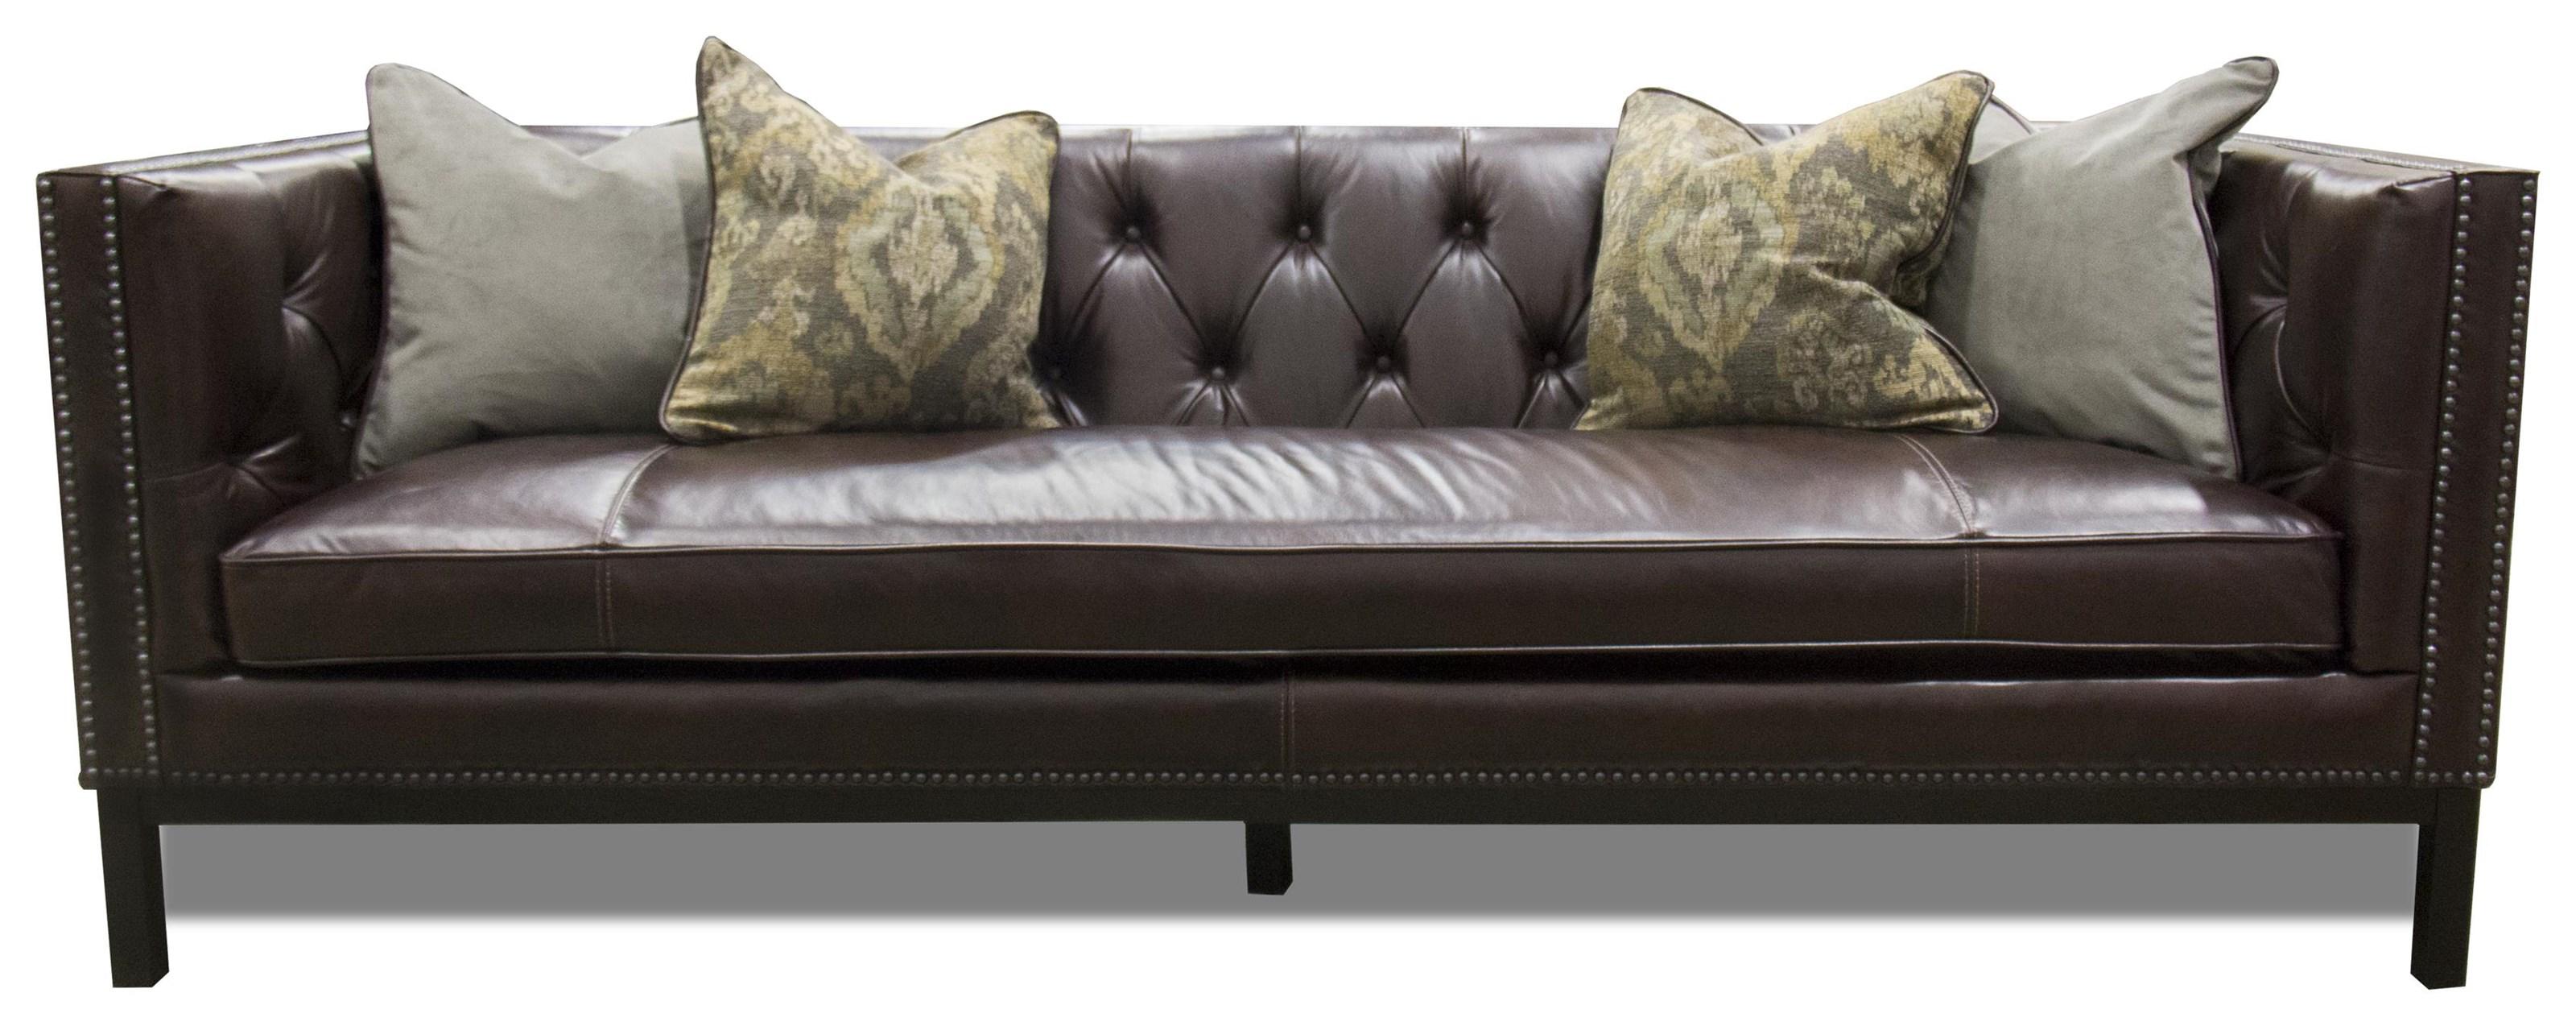 Simon Li ManhattanLeather Sofa In St. James Cordovan